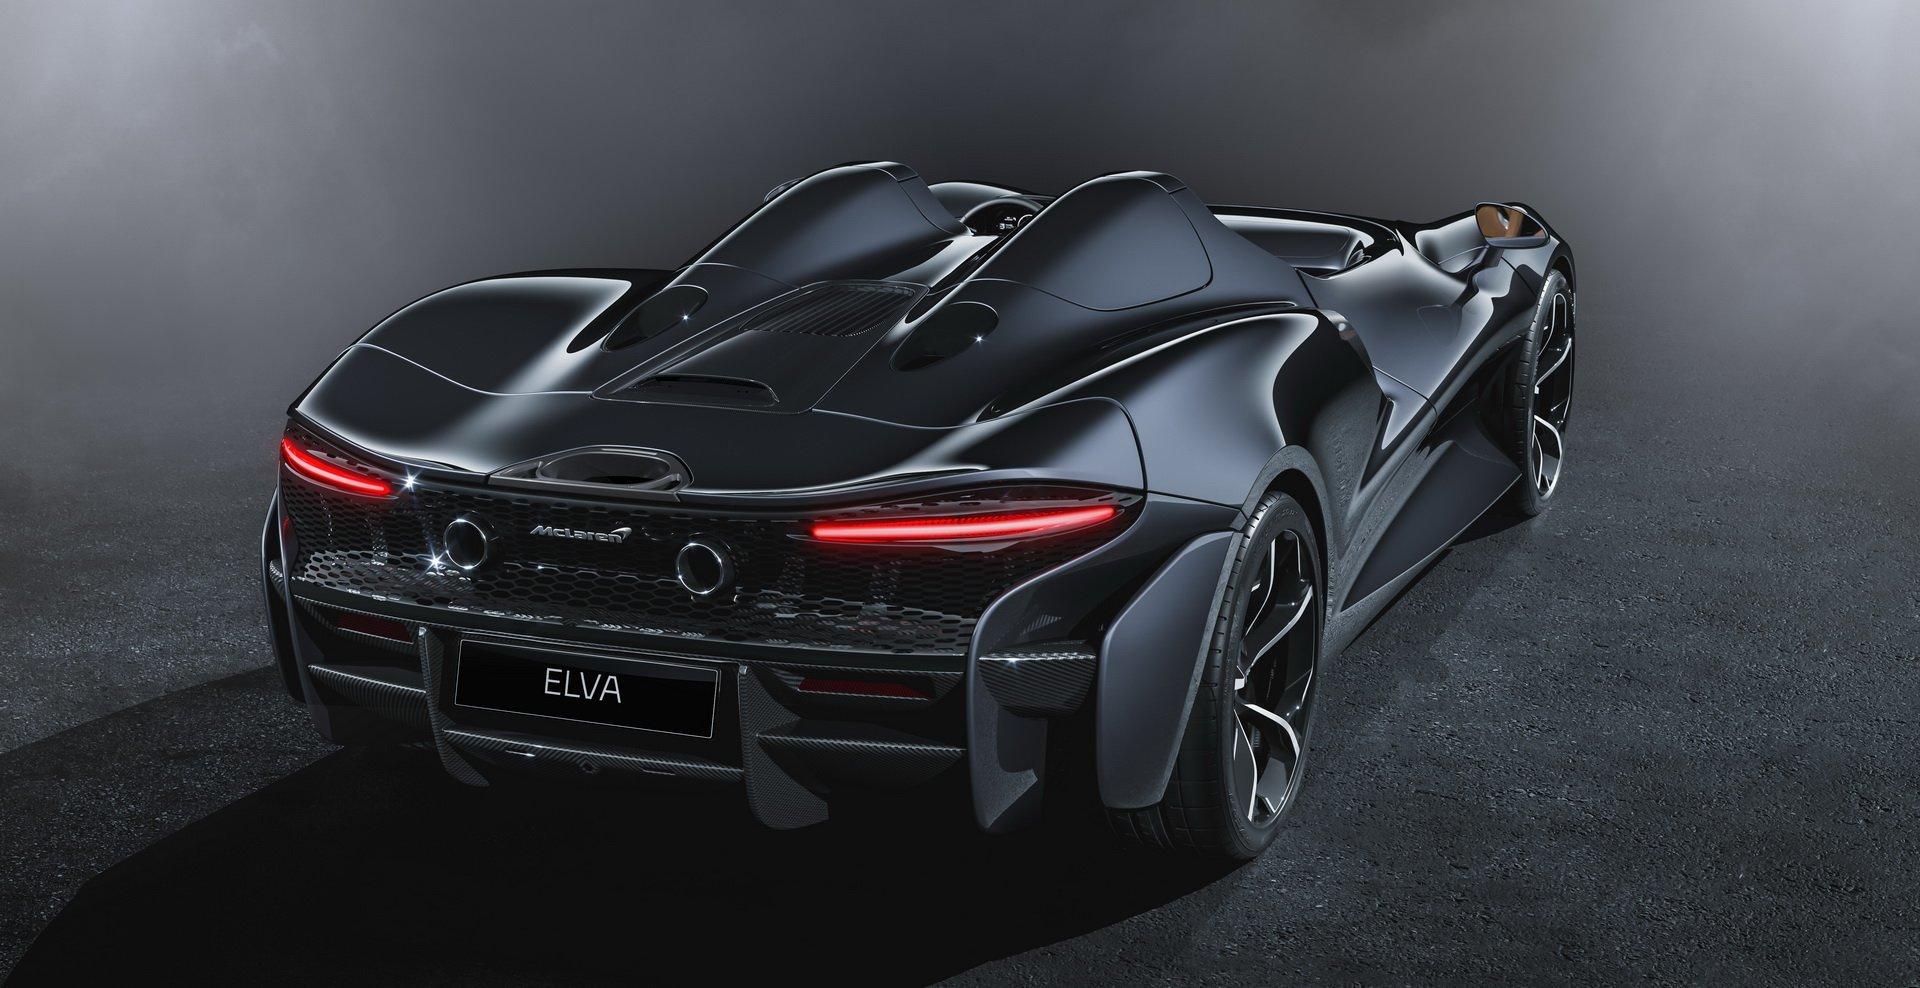 задние фонари McLaren Elva 2020